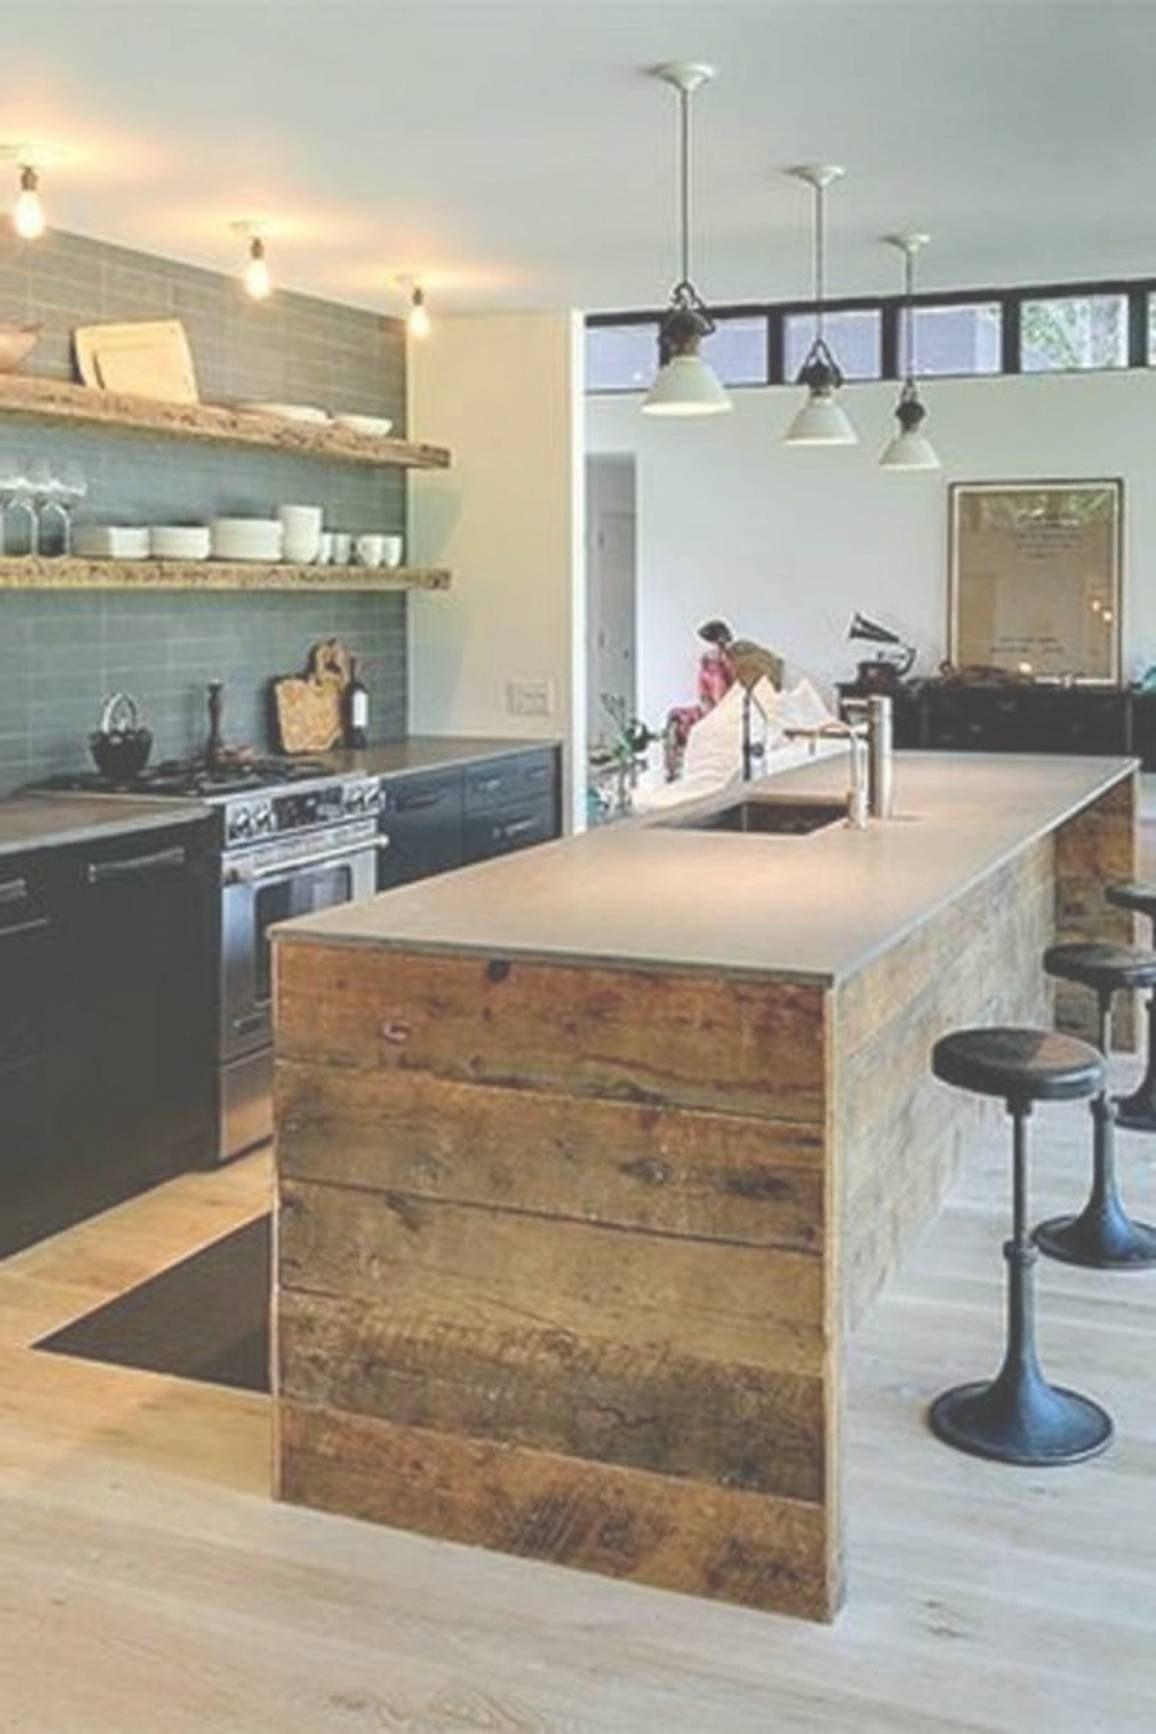 Tableau Cuisine Moderne Inspirant Galerie Ikea Accessoires Cuisine Elegant Ikea Cuisines Beau Fileur Cuisine